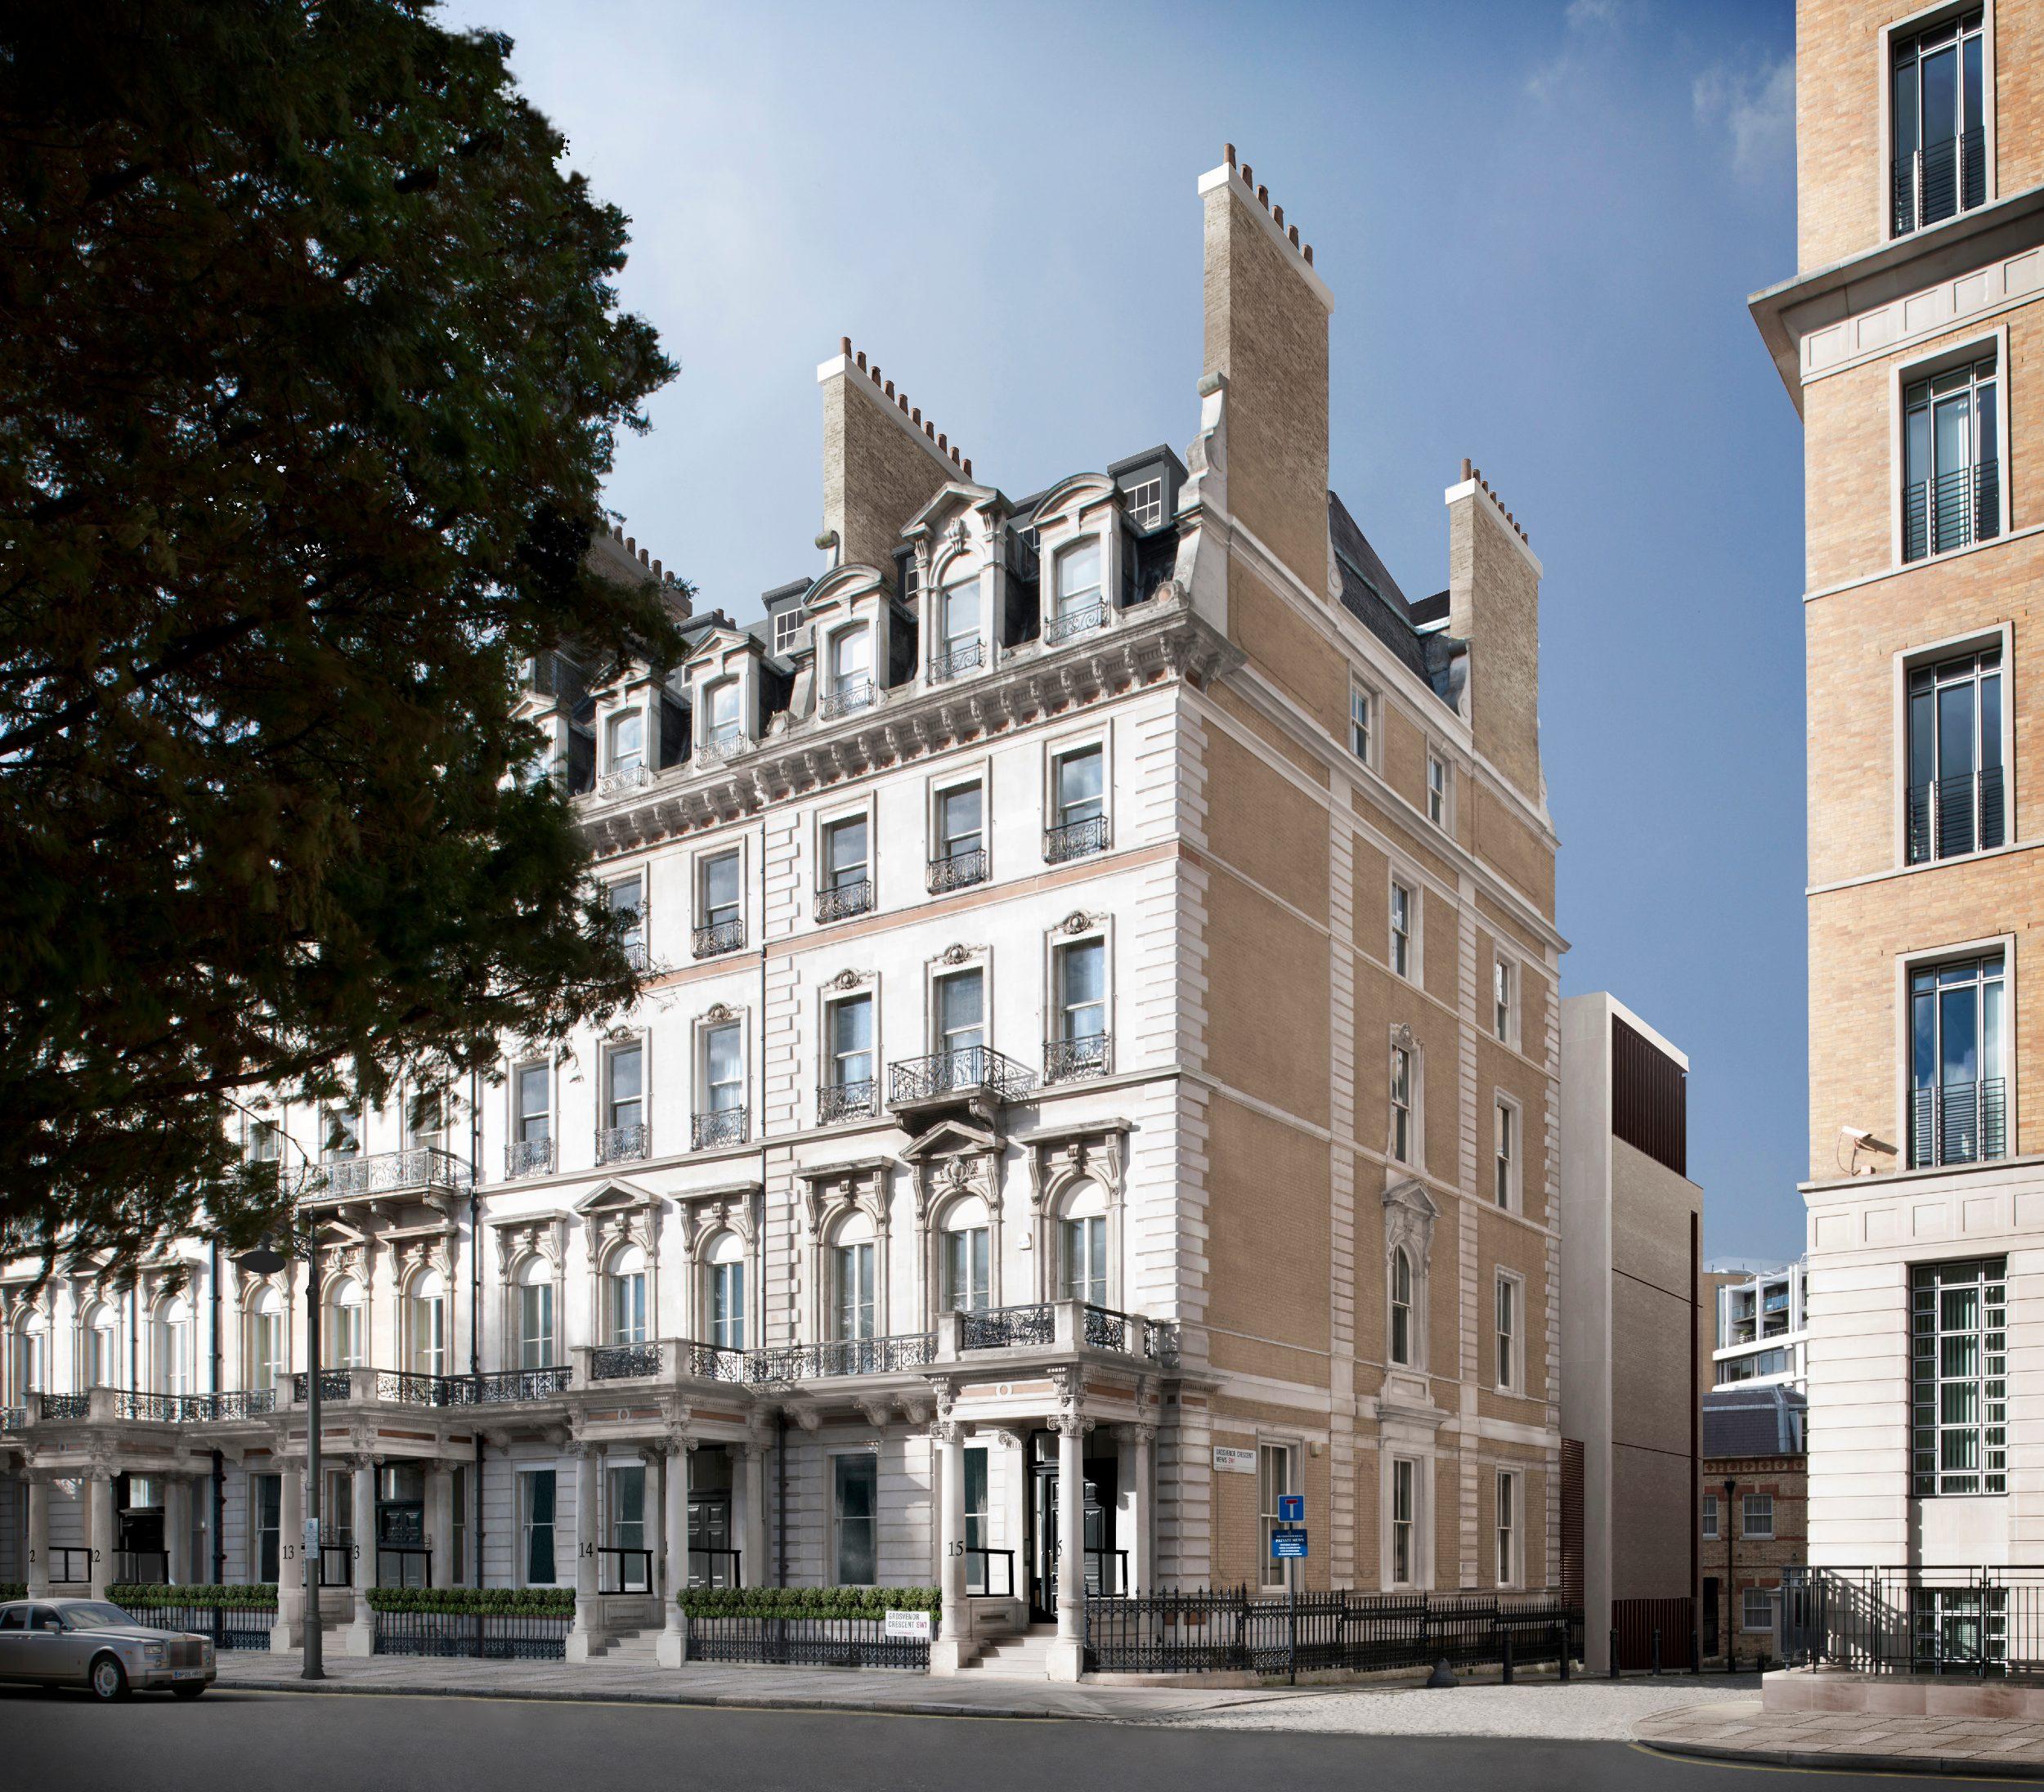 11-15 Grosvenor Crescent 2.jpg